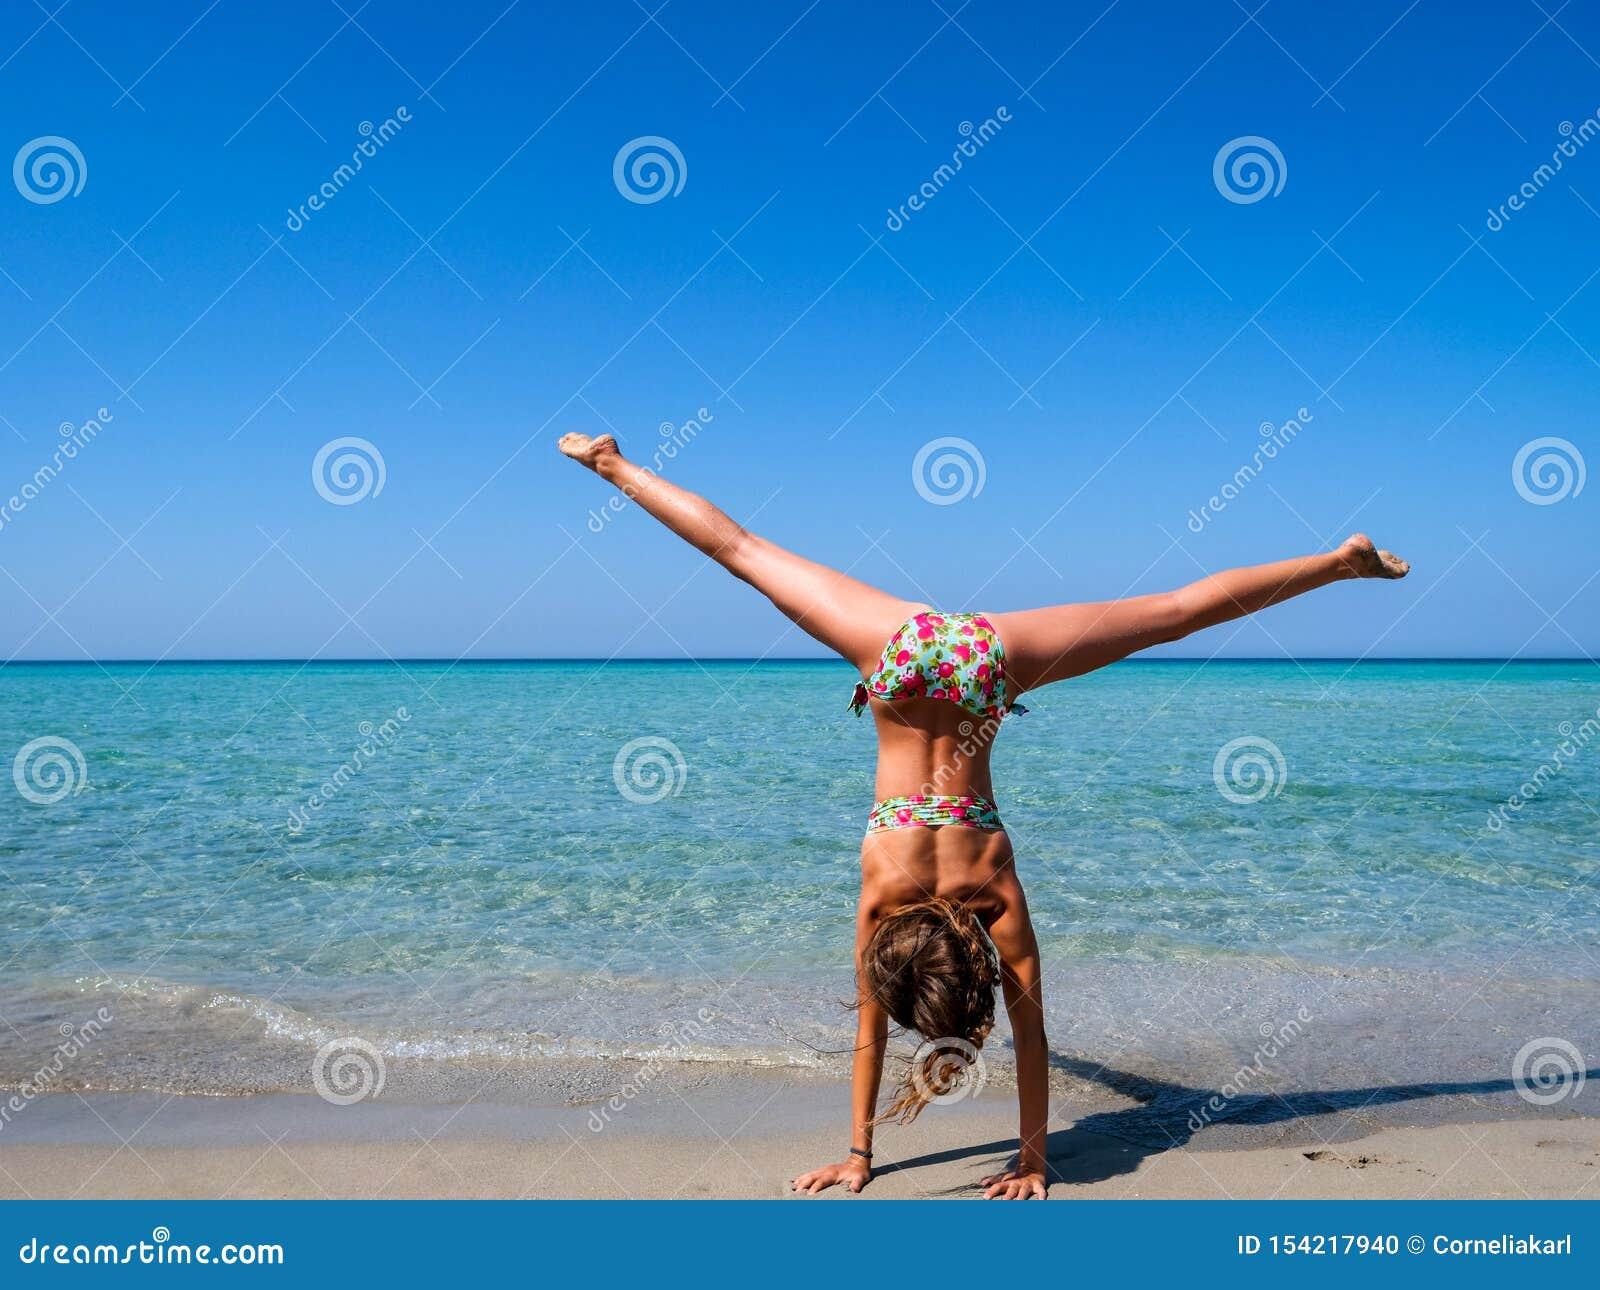 Adolescente Che Fa Cartwheel Che Gioca Sulla Spiaggia